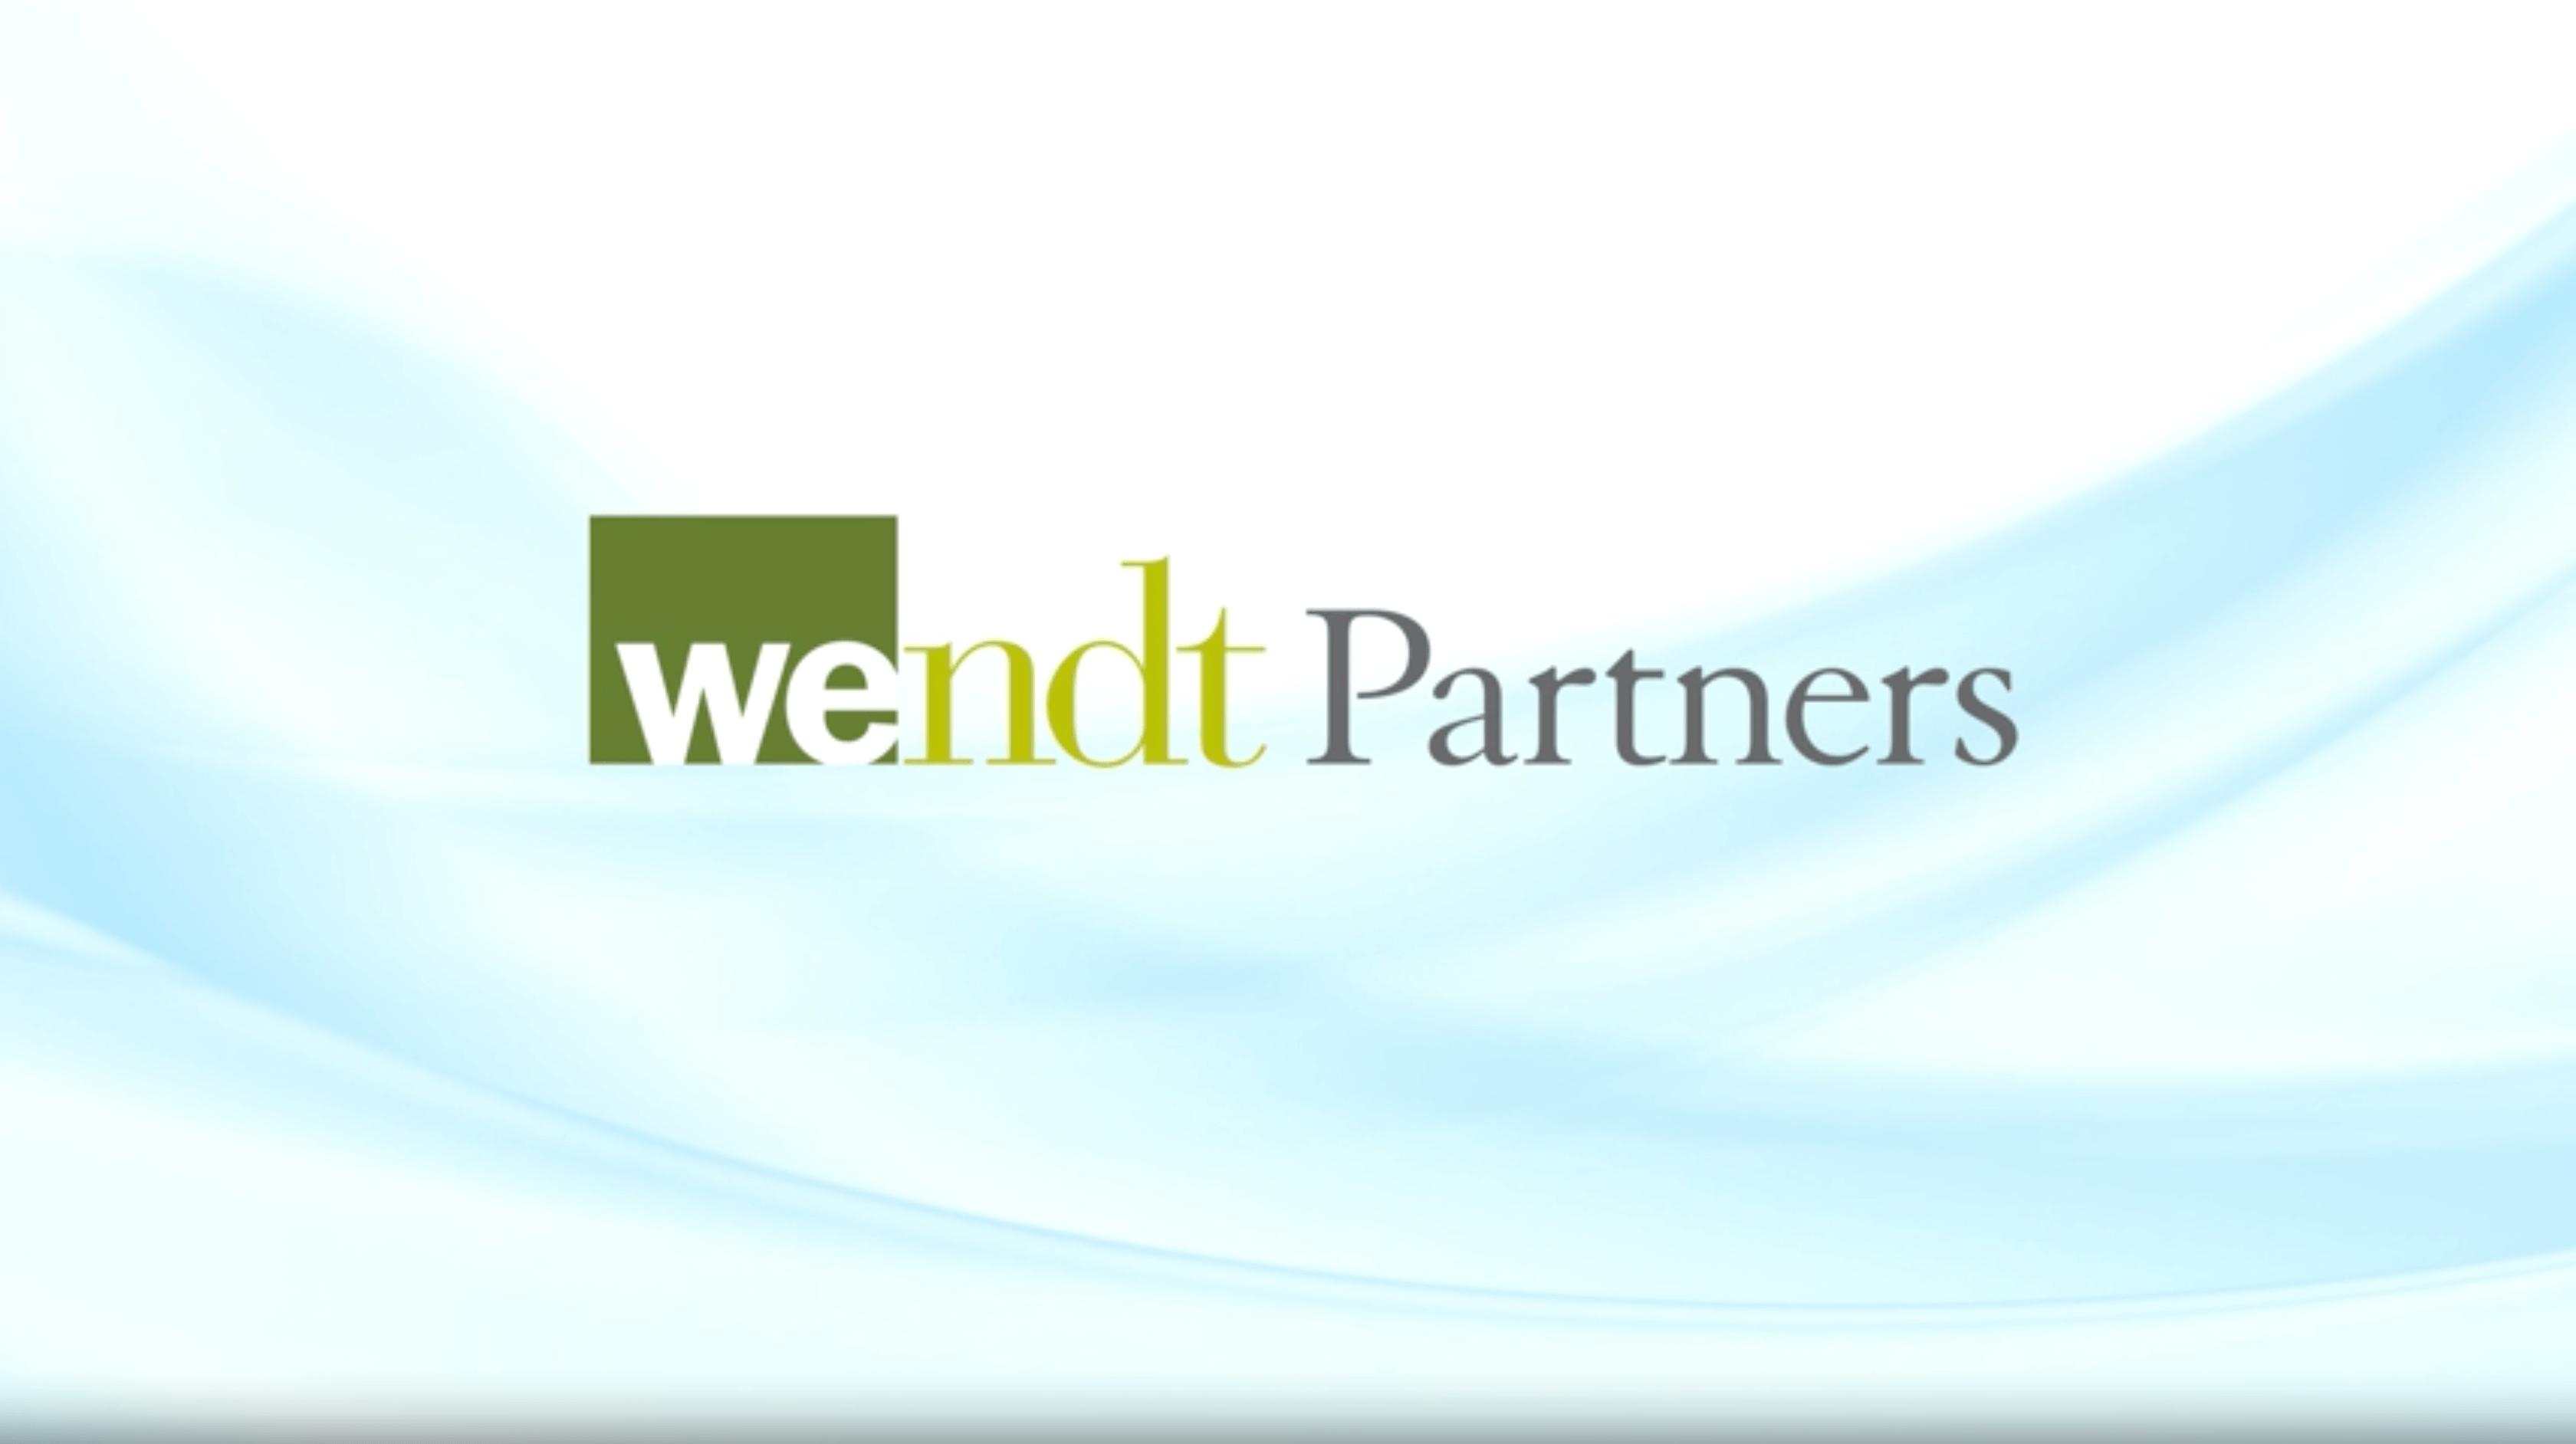 09252019_Wendt_Home Overview Video Animation_HiRes_V5_PR